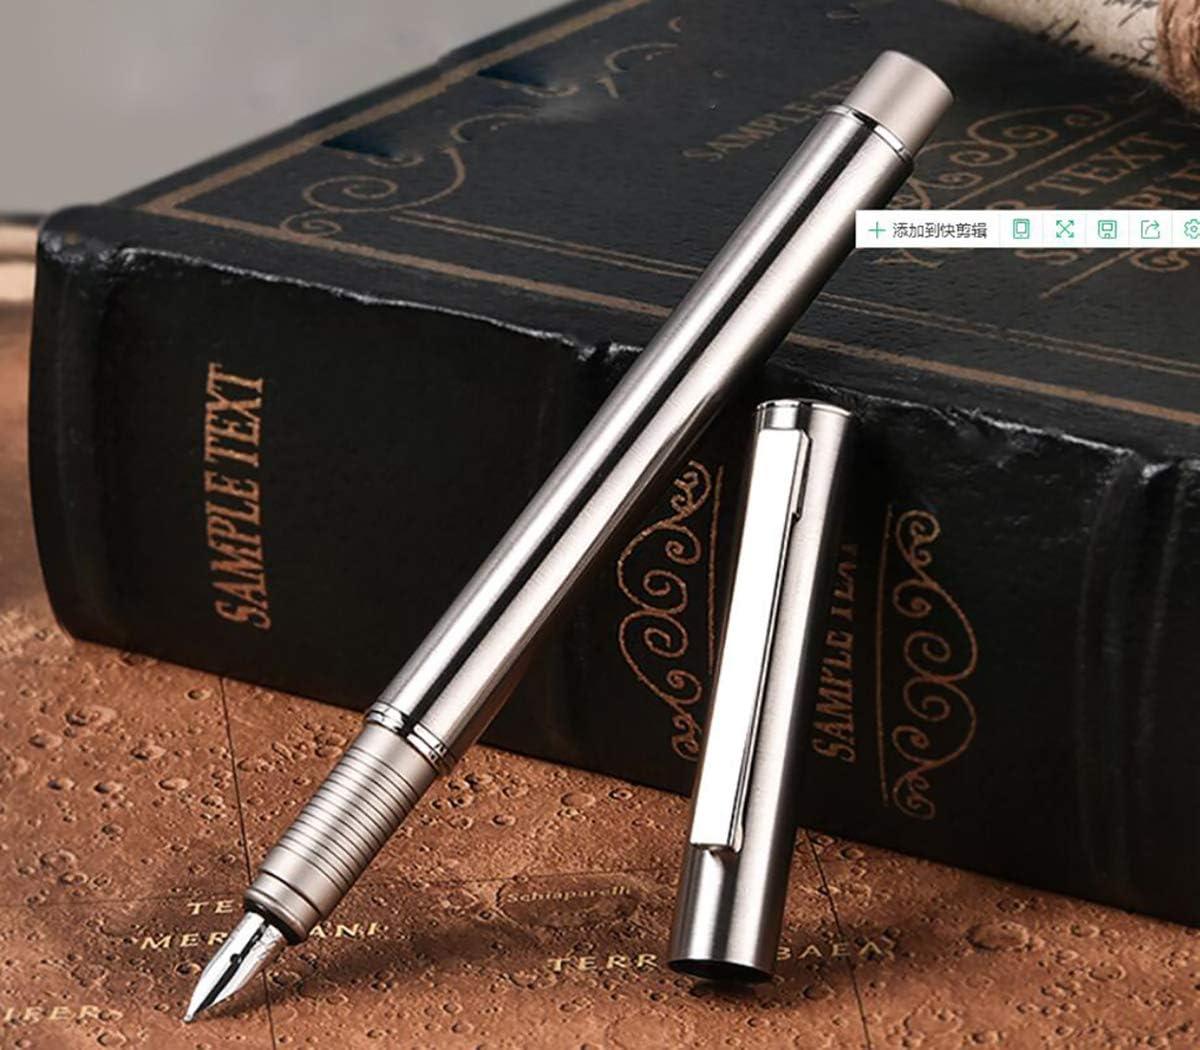 Pluma estilográfica de acero inoxidable de estilo vintage, punta fina con estuche para bolígrafos de HongDian 516: Amazon.es: Oficina y papelería